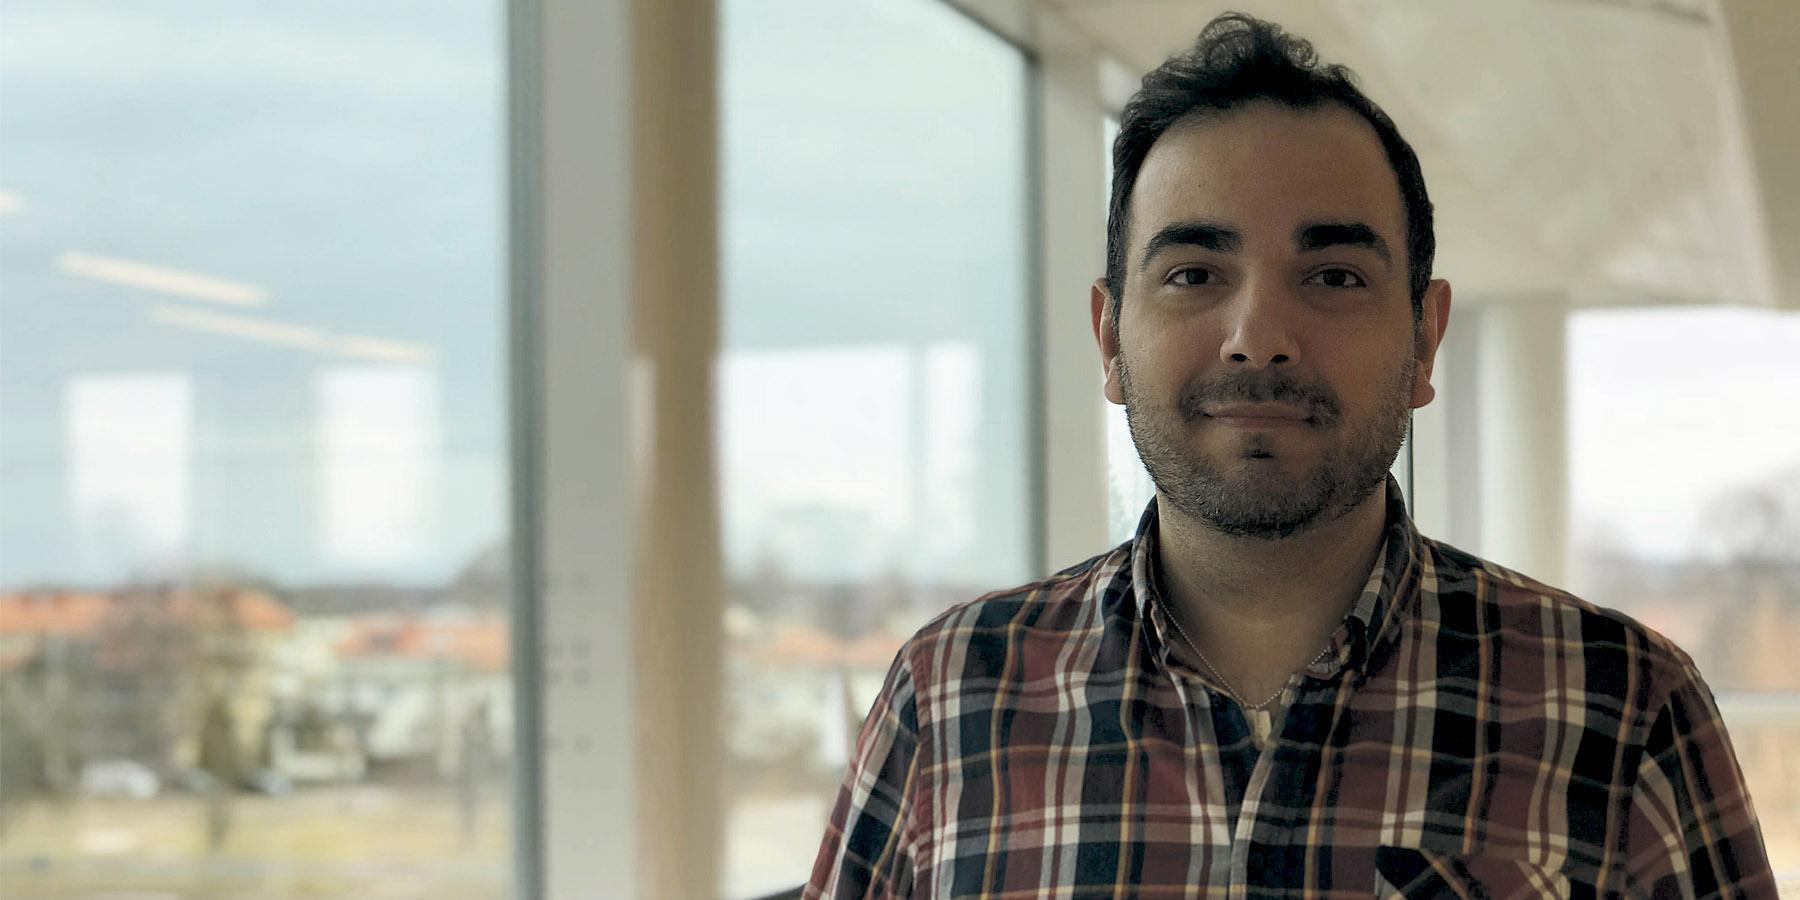 Förvandla mötet till en PR-maskin - Arman Teimouri